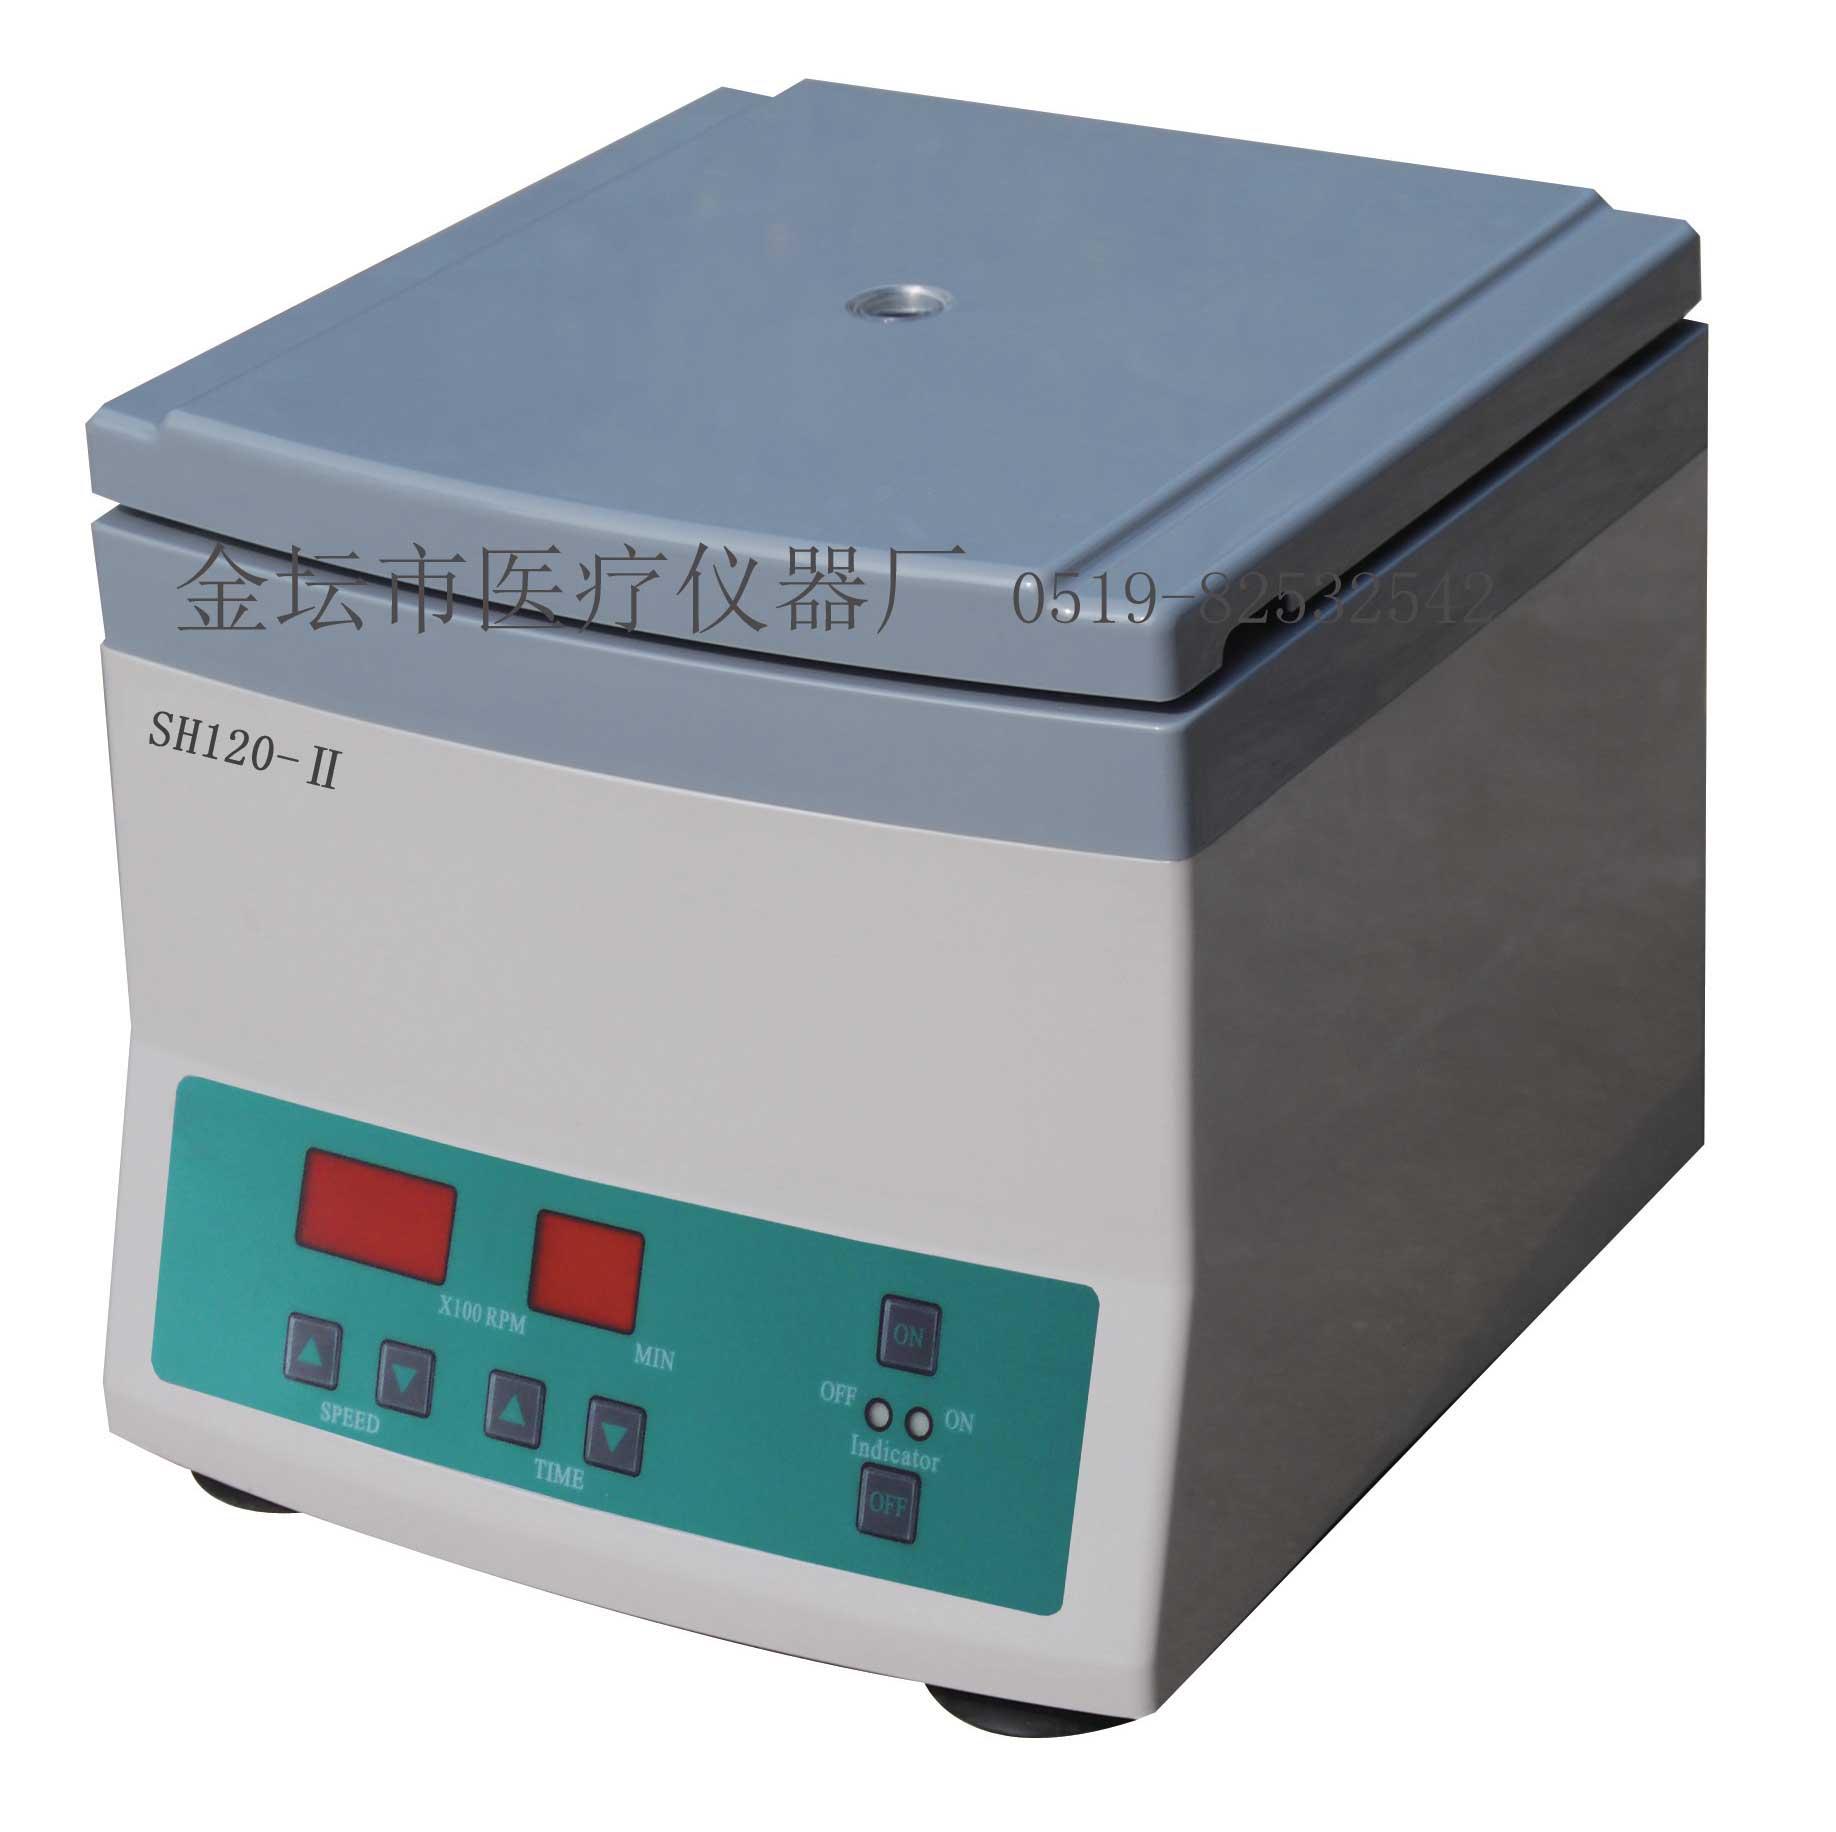 江苏金坛SH120-II微量血液离心机